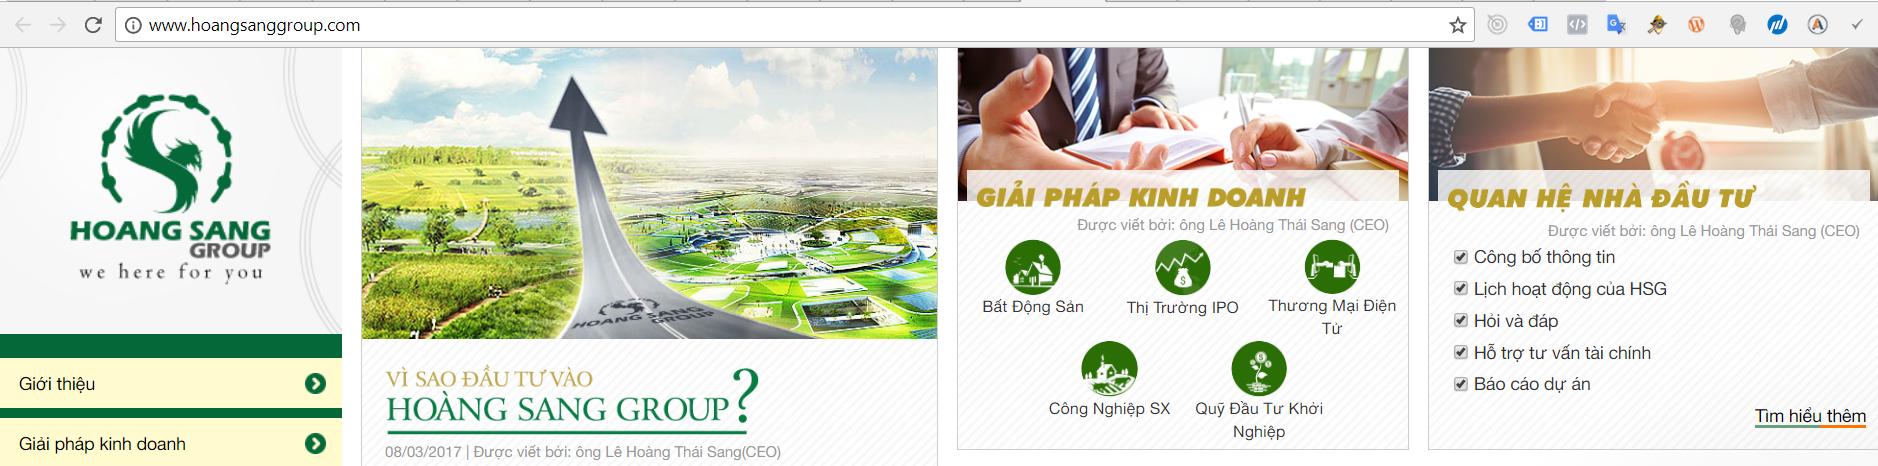 Tập đoàn Hoàng Sang Group